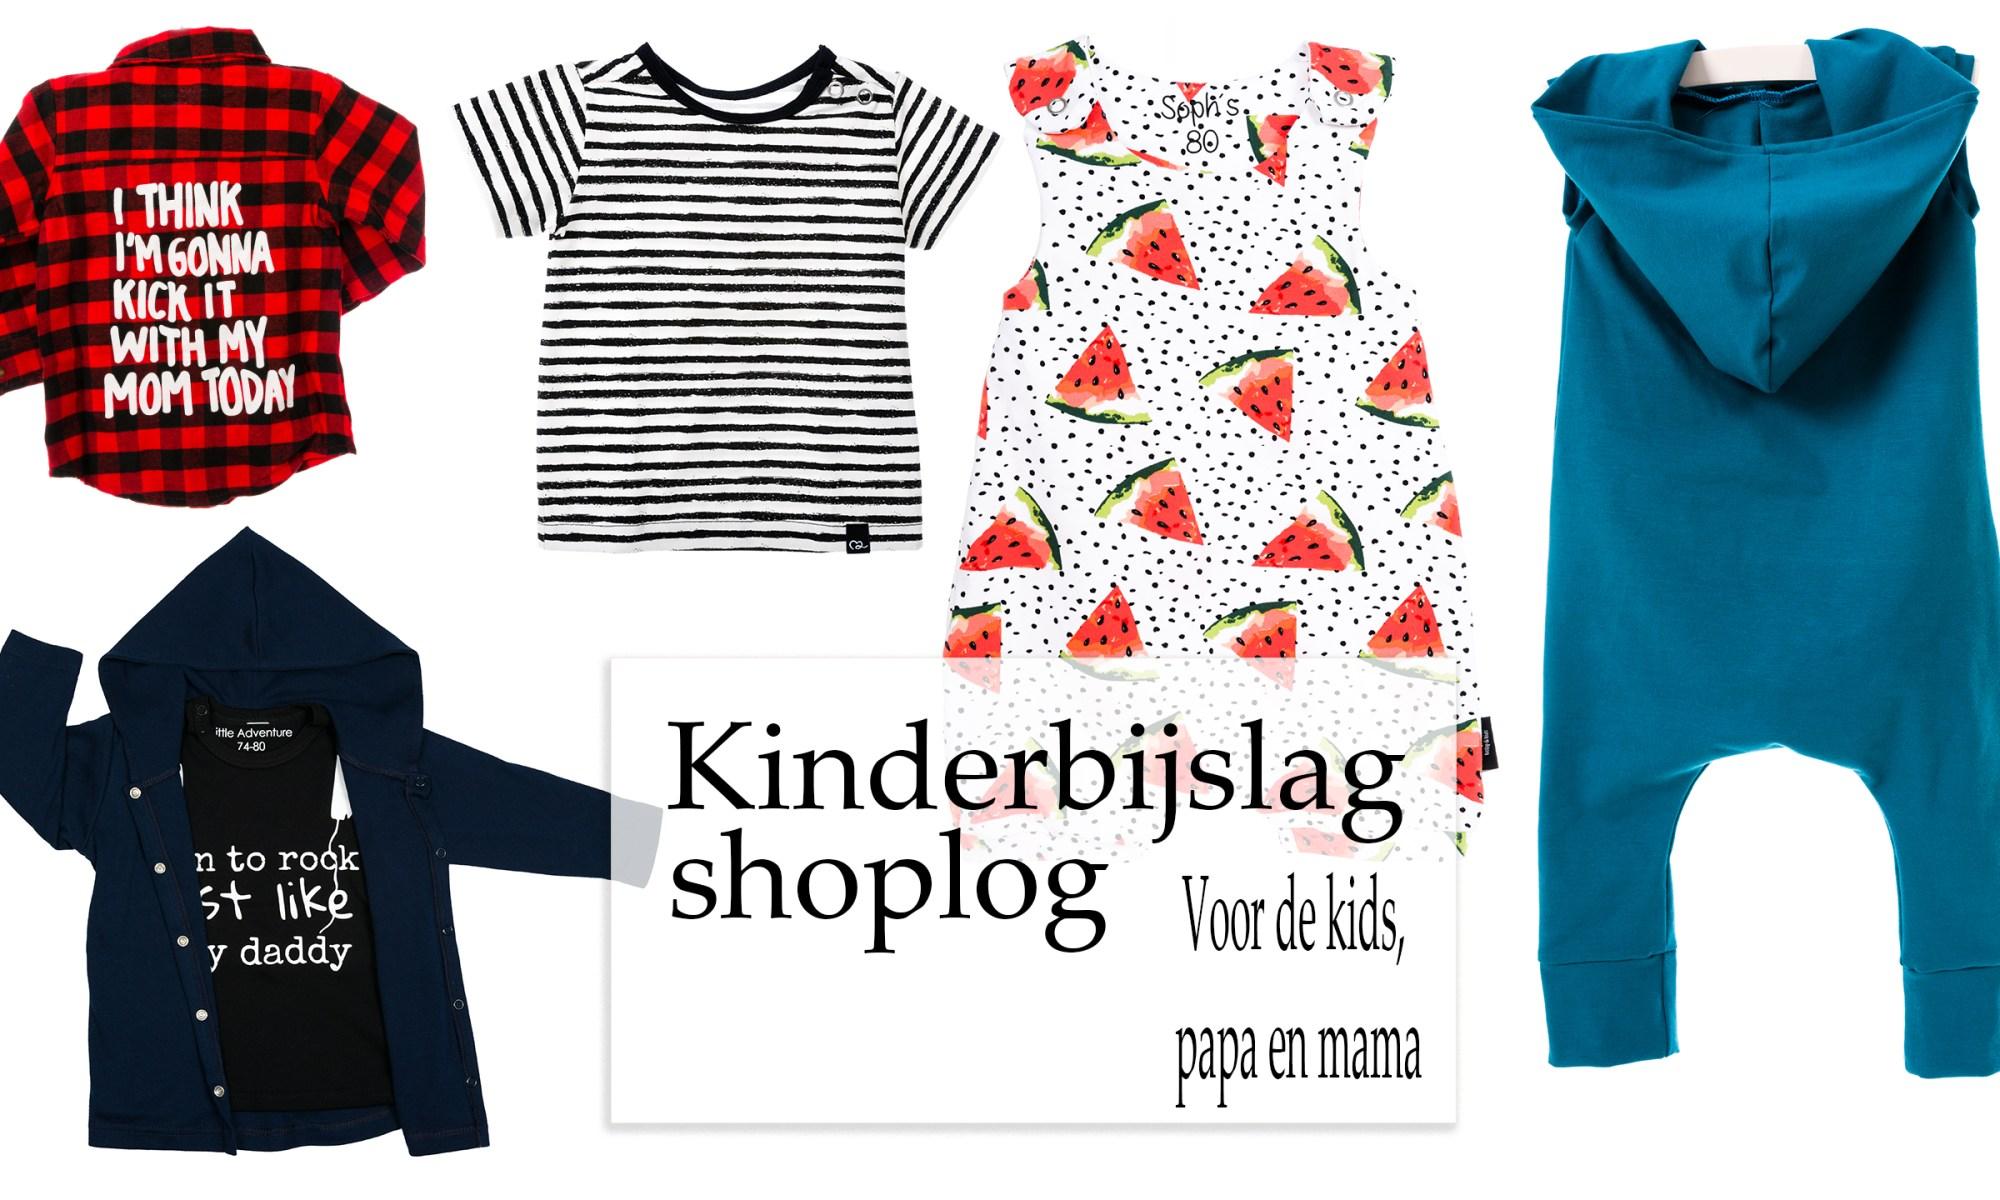 Kinderbijslag shoplog shoppen gekocht aankopen mama blog www.liefkleinwonder.nl wit laminaat v-groef kwantum krukje r-rebels coolcat Little Adventure Sweet and small